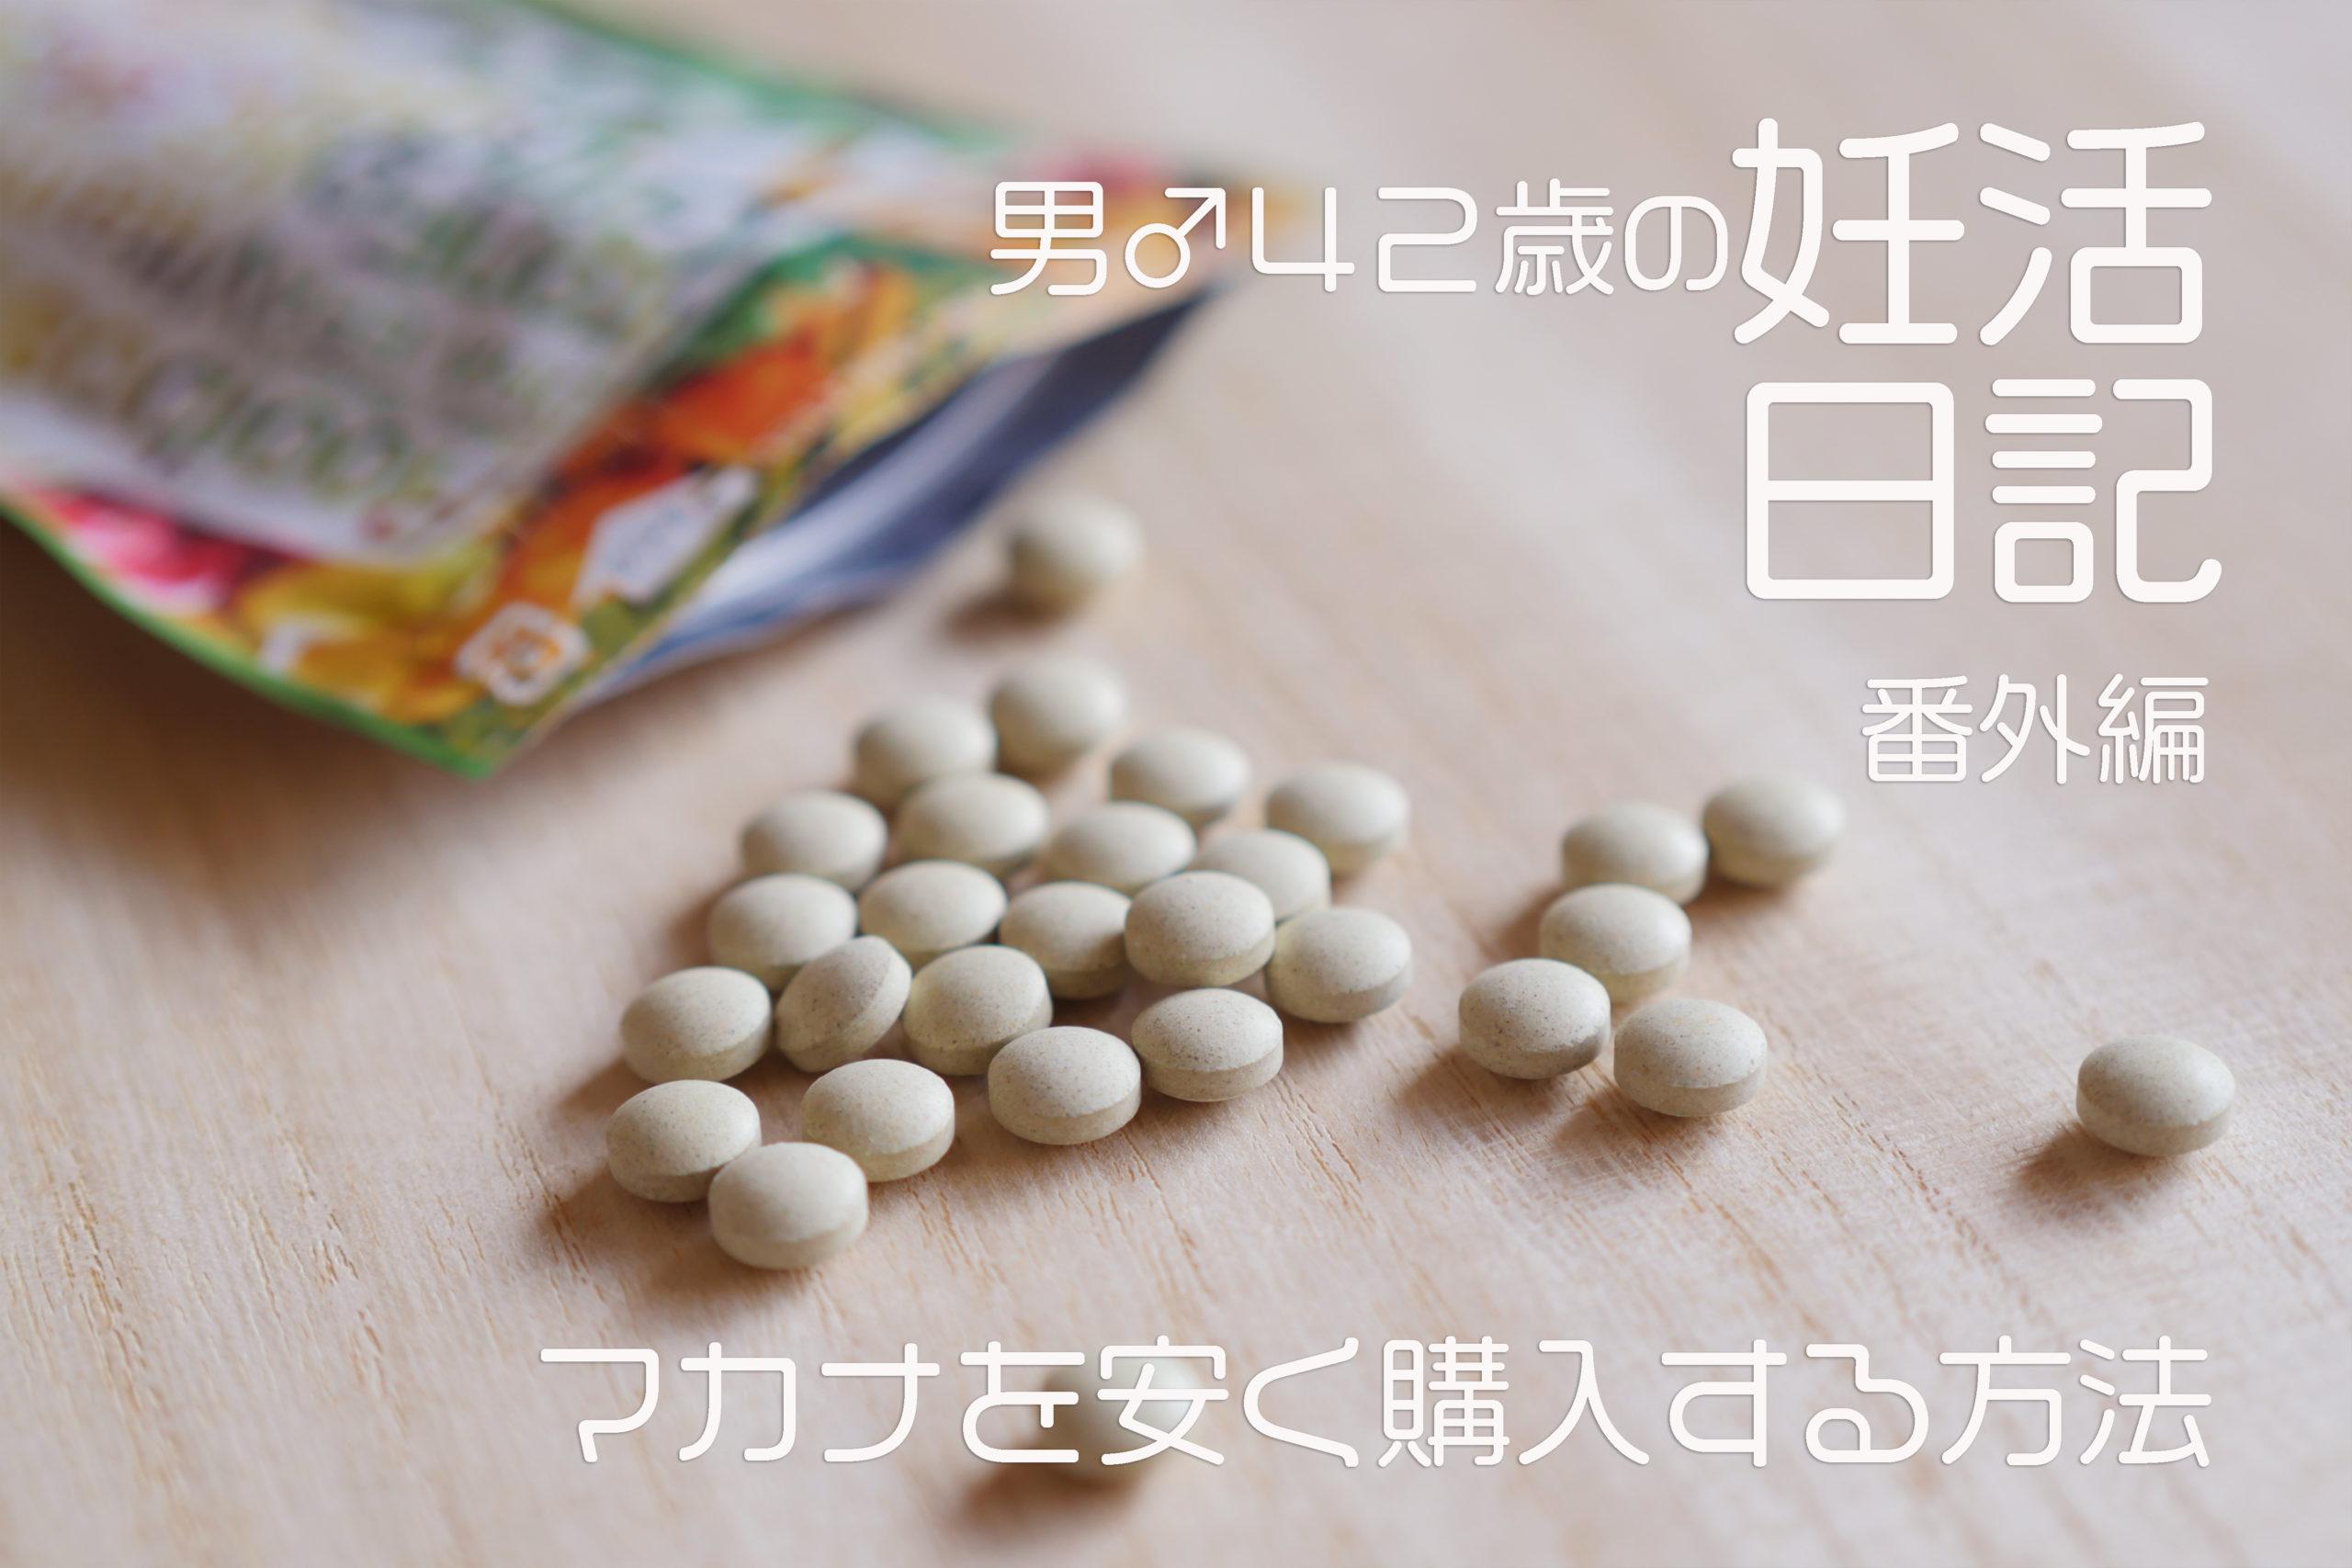 葉酸サプリ「マカナ(makana)」 を最安値で購入する方法【男♂42歳の妊活ブログ 番外編】